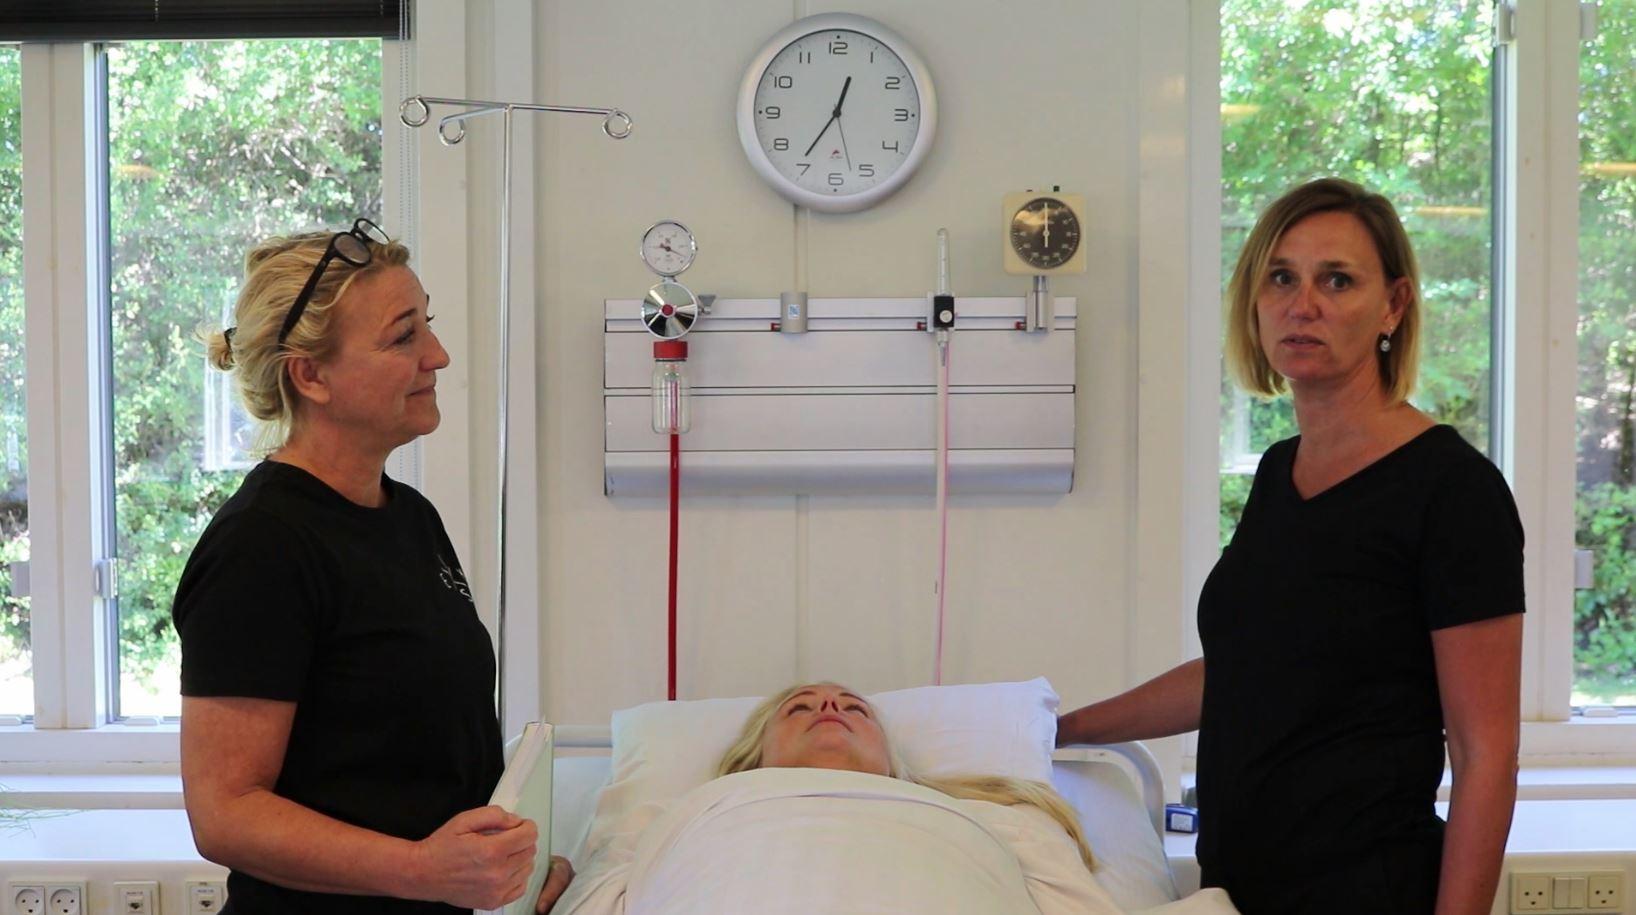 Trebindsværket i sygepleje (VIDEOER)